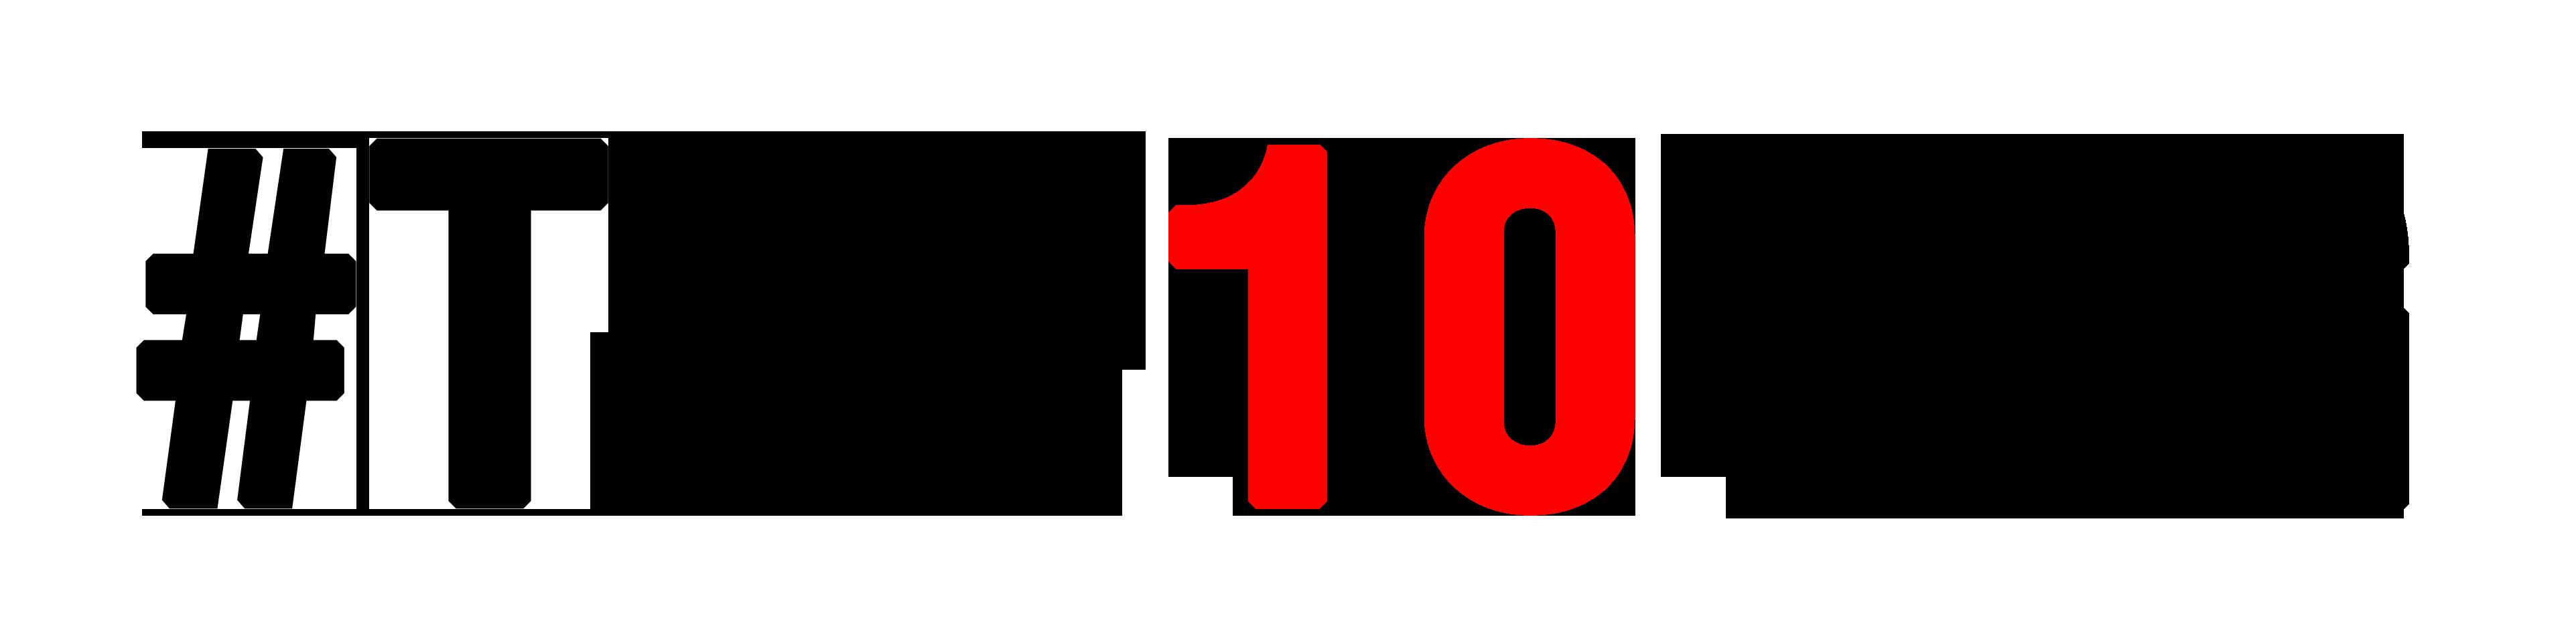 Топ 10 Волгоград